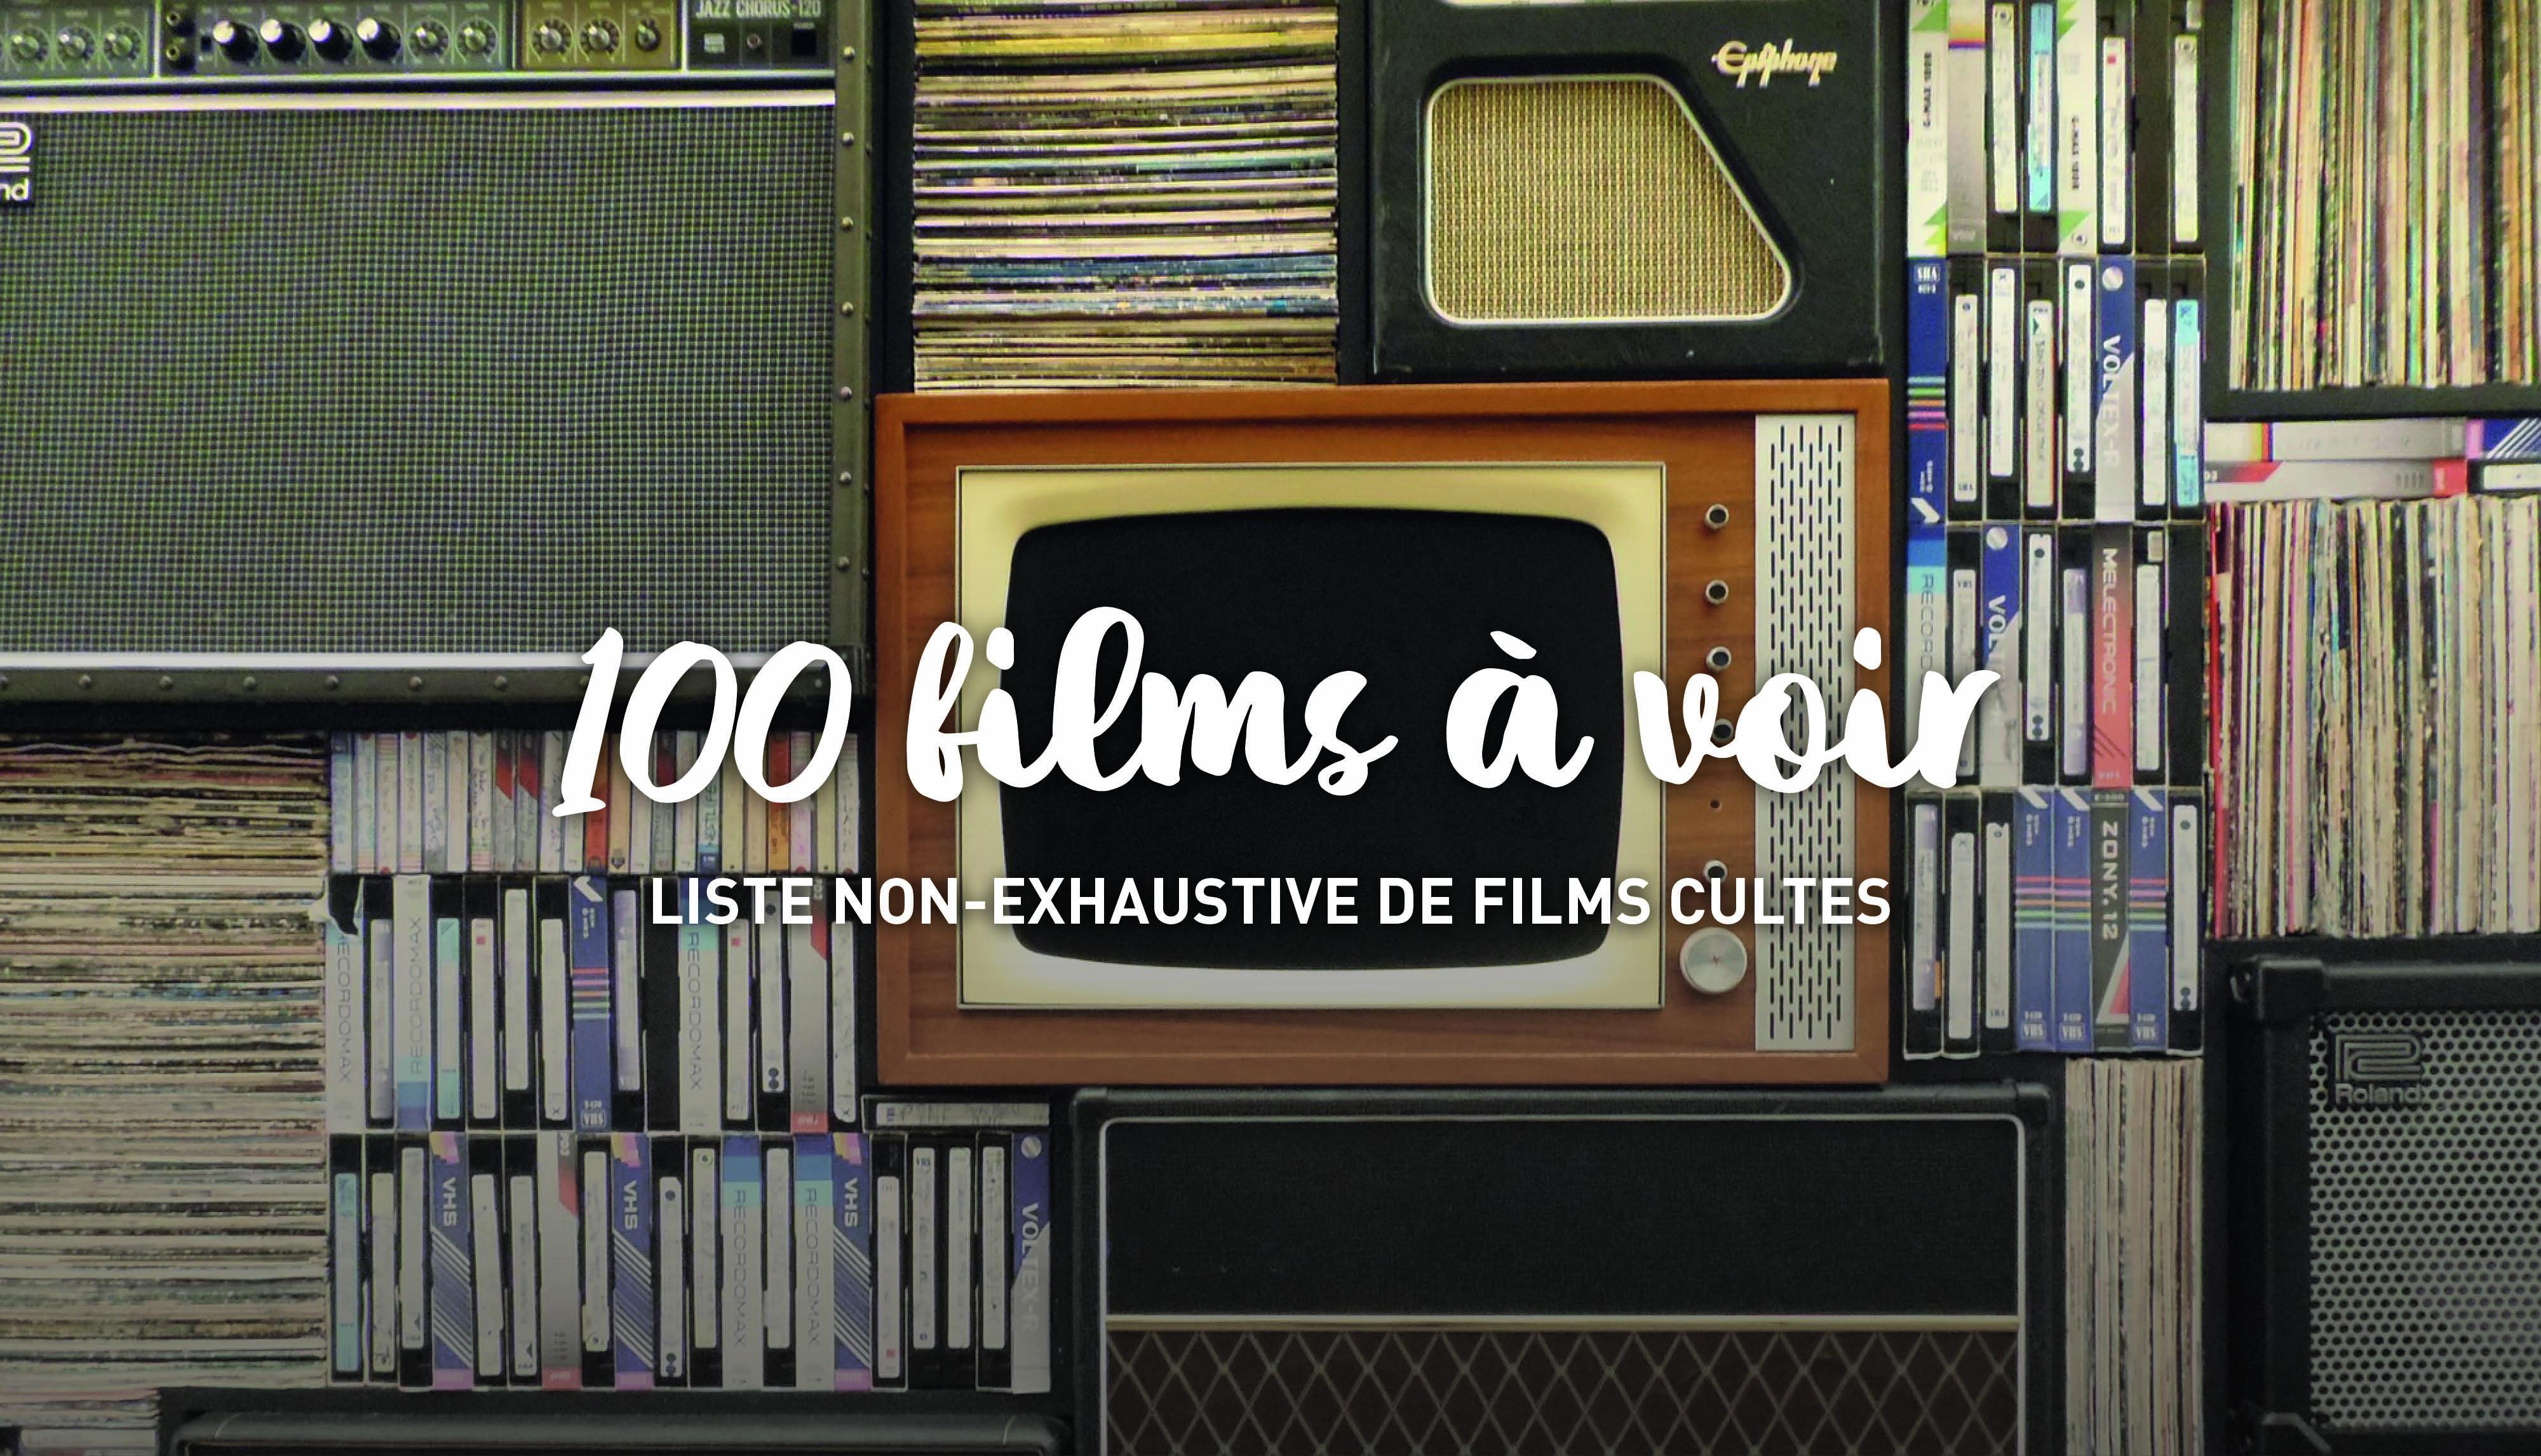 100 films à voir